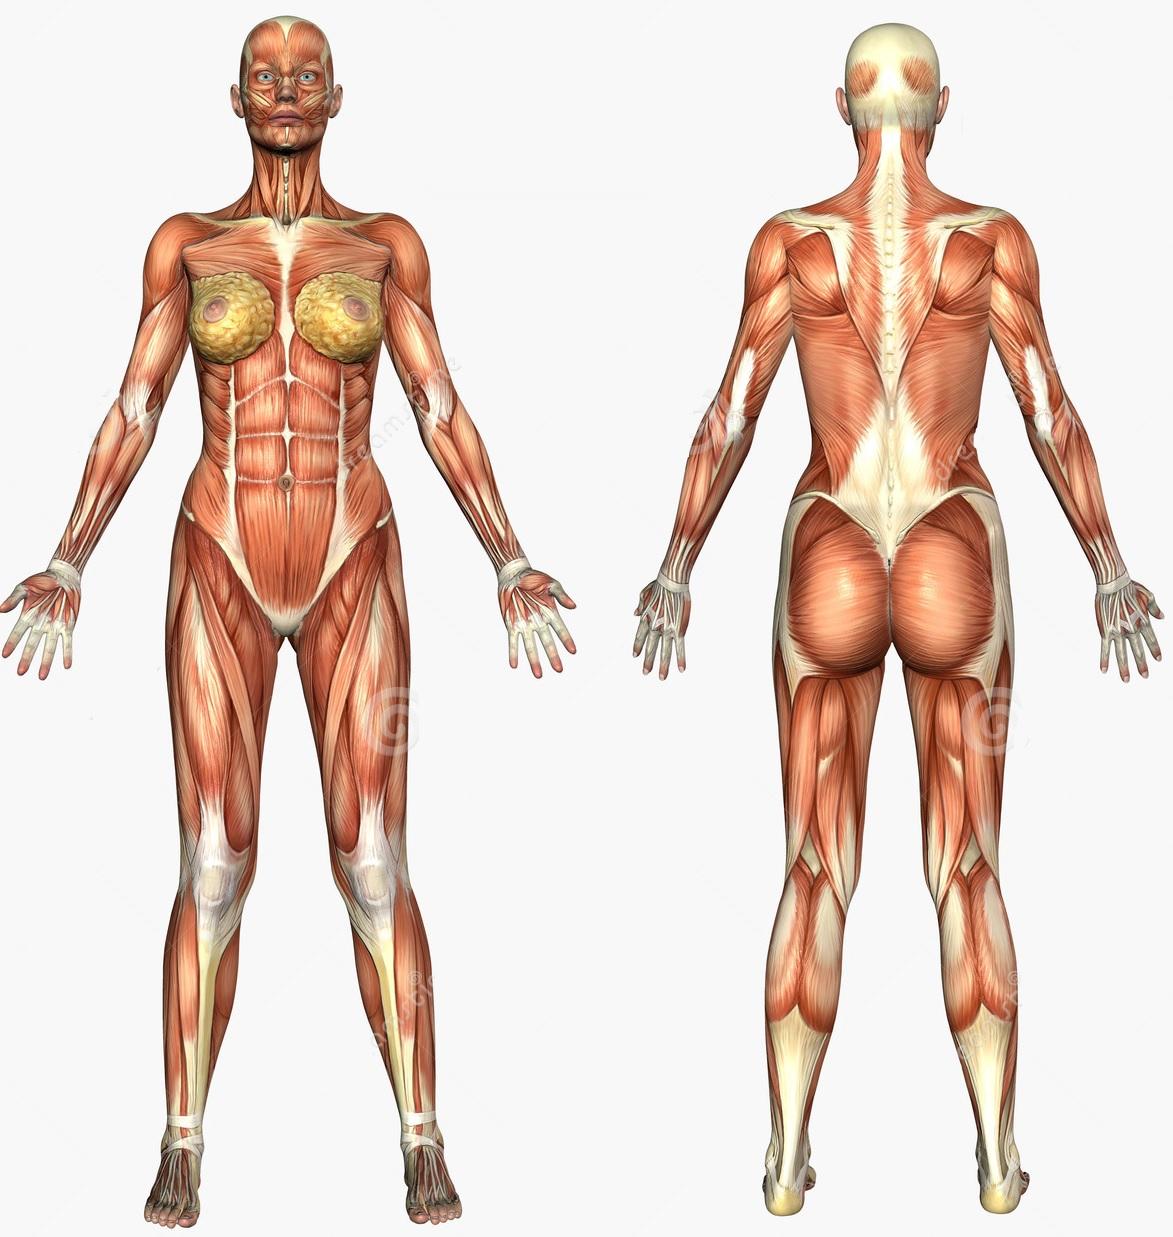 Evde pektoral kaslar için temel egzersizler